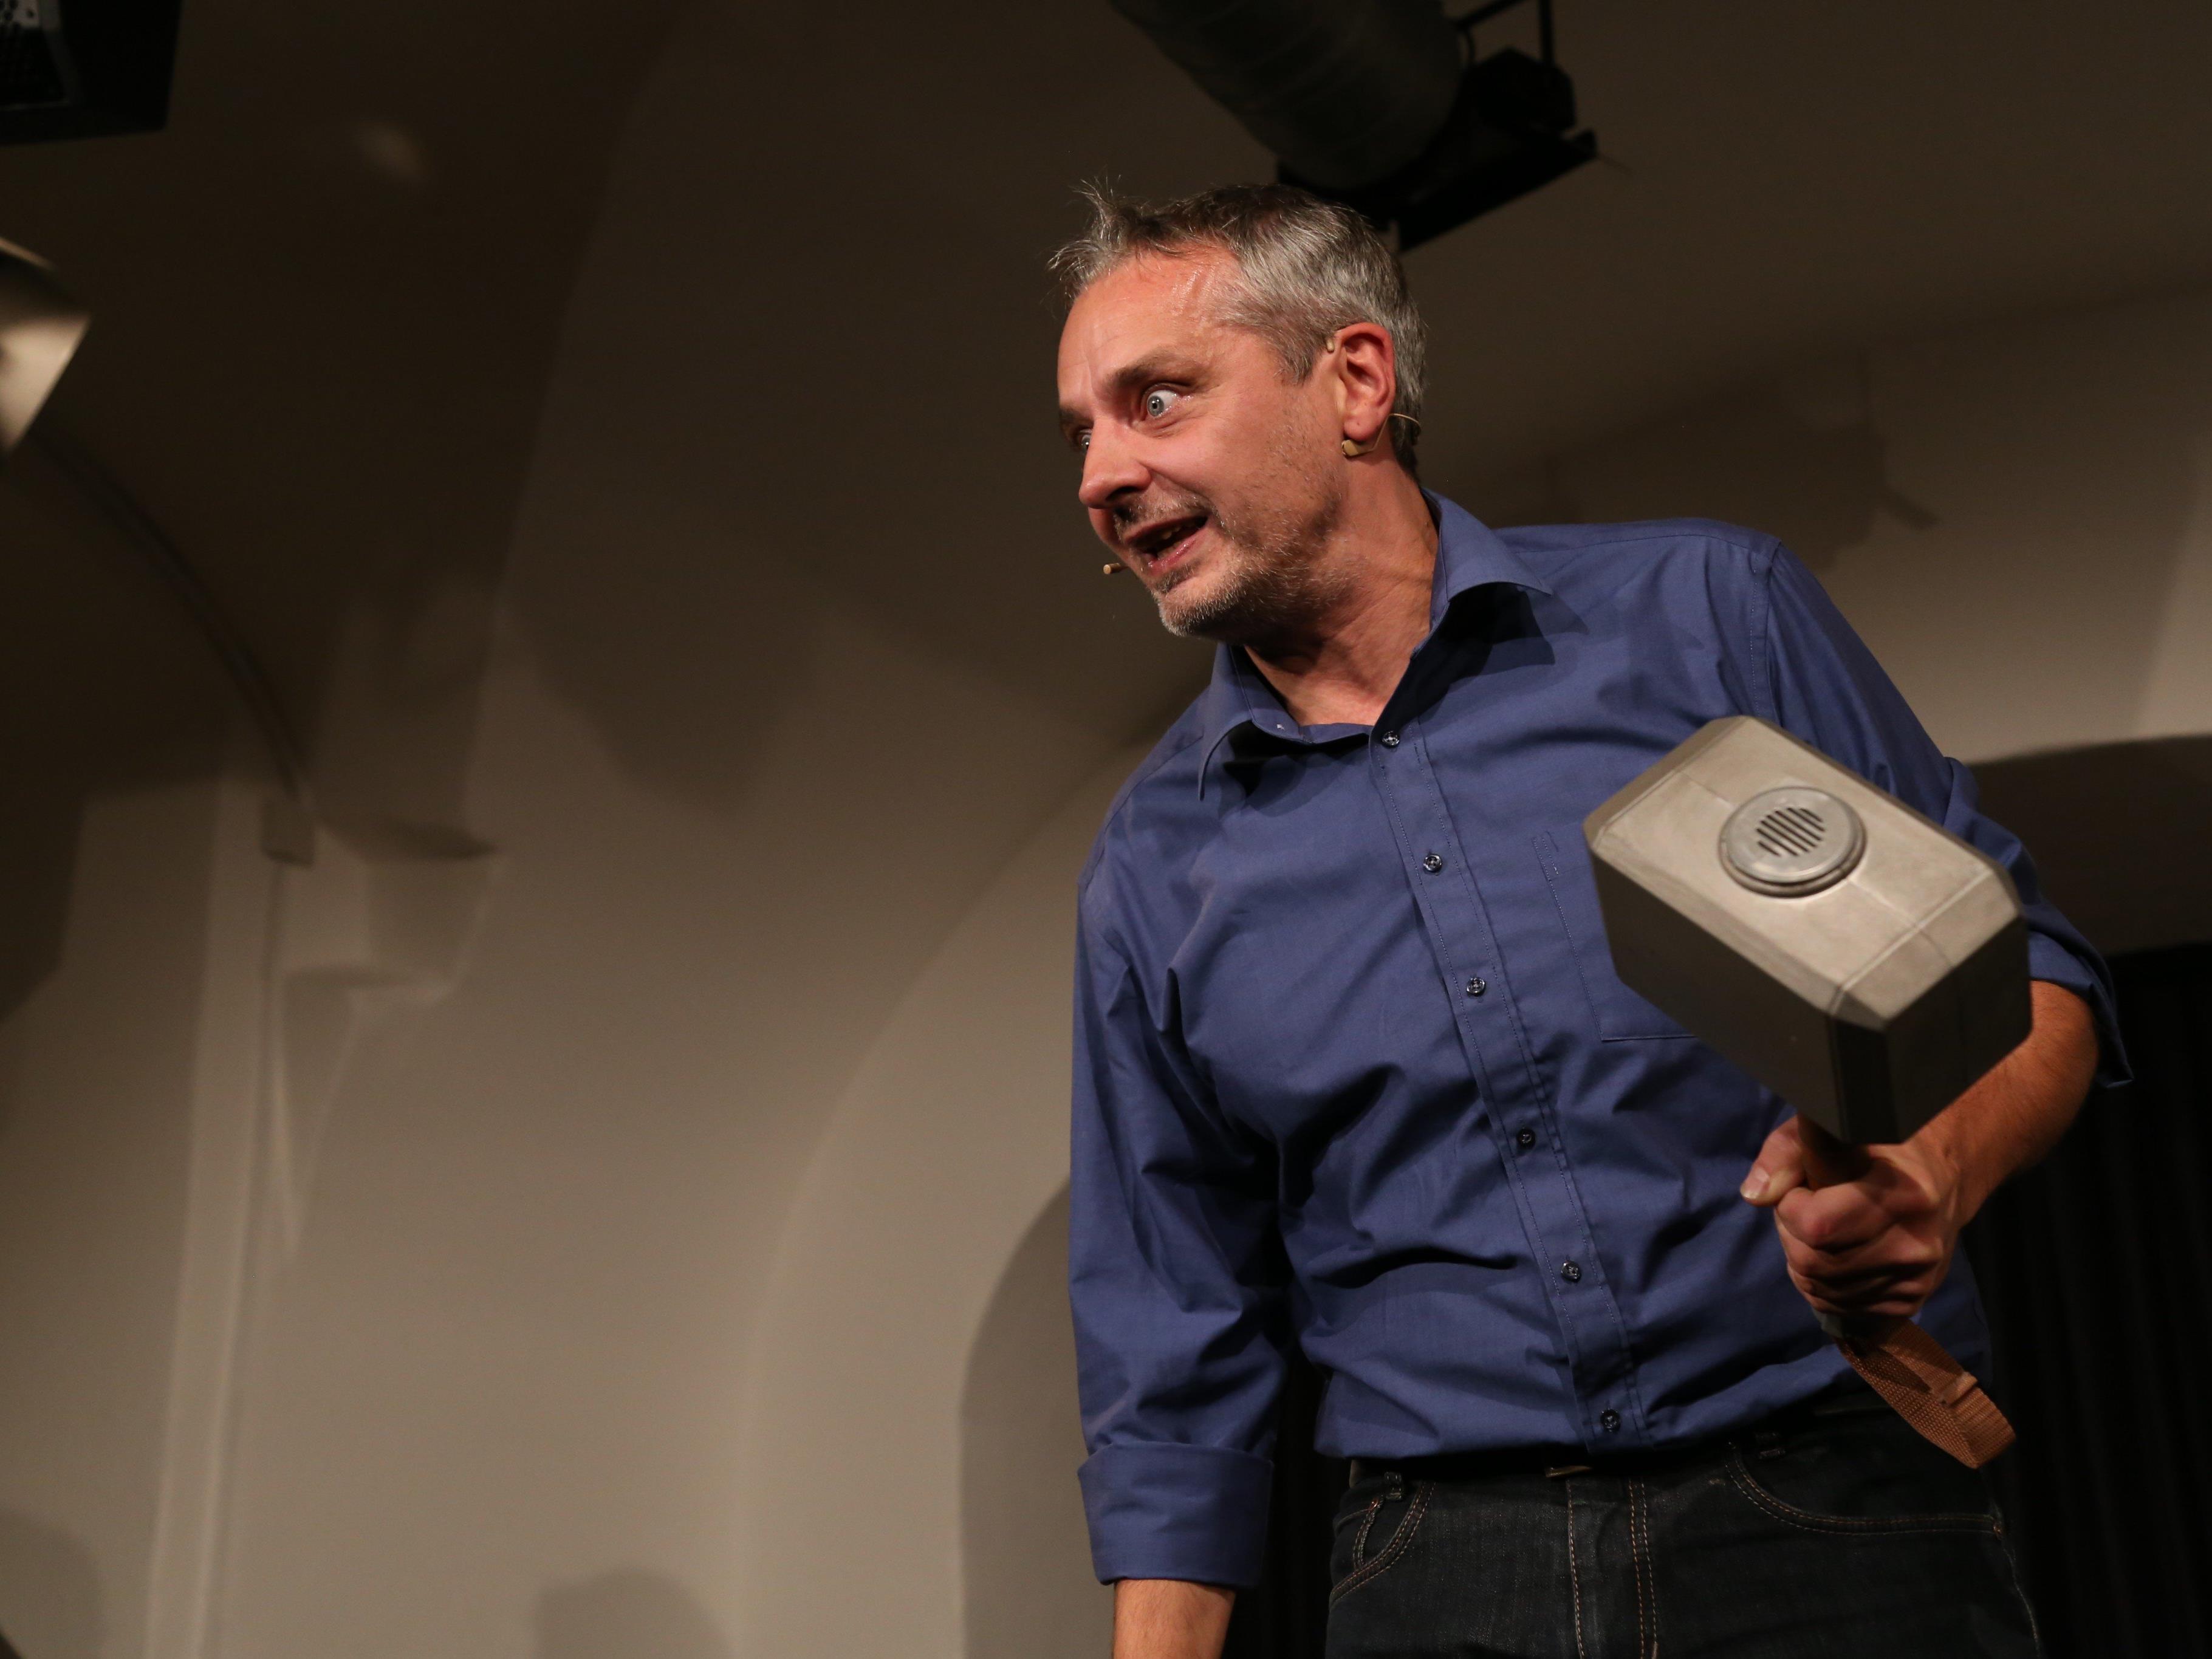 """Thomas Maurer zeigte mit seinem  """"Toleranzhammer"""" auf der Saumarkt-Bühne seine persönlichen """"Grenzen""""."""